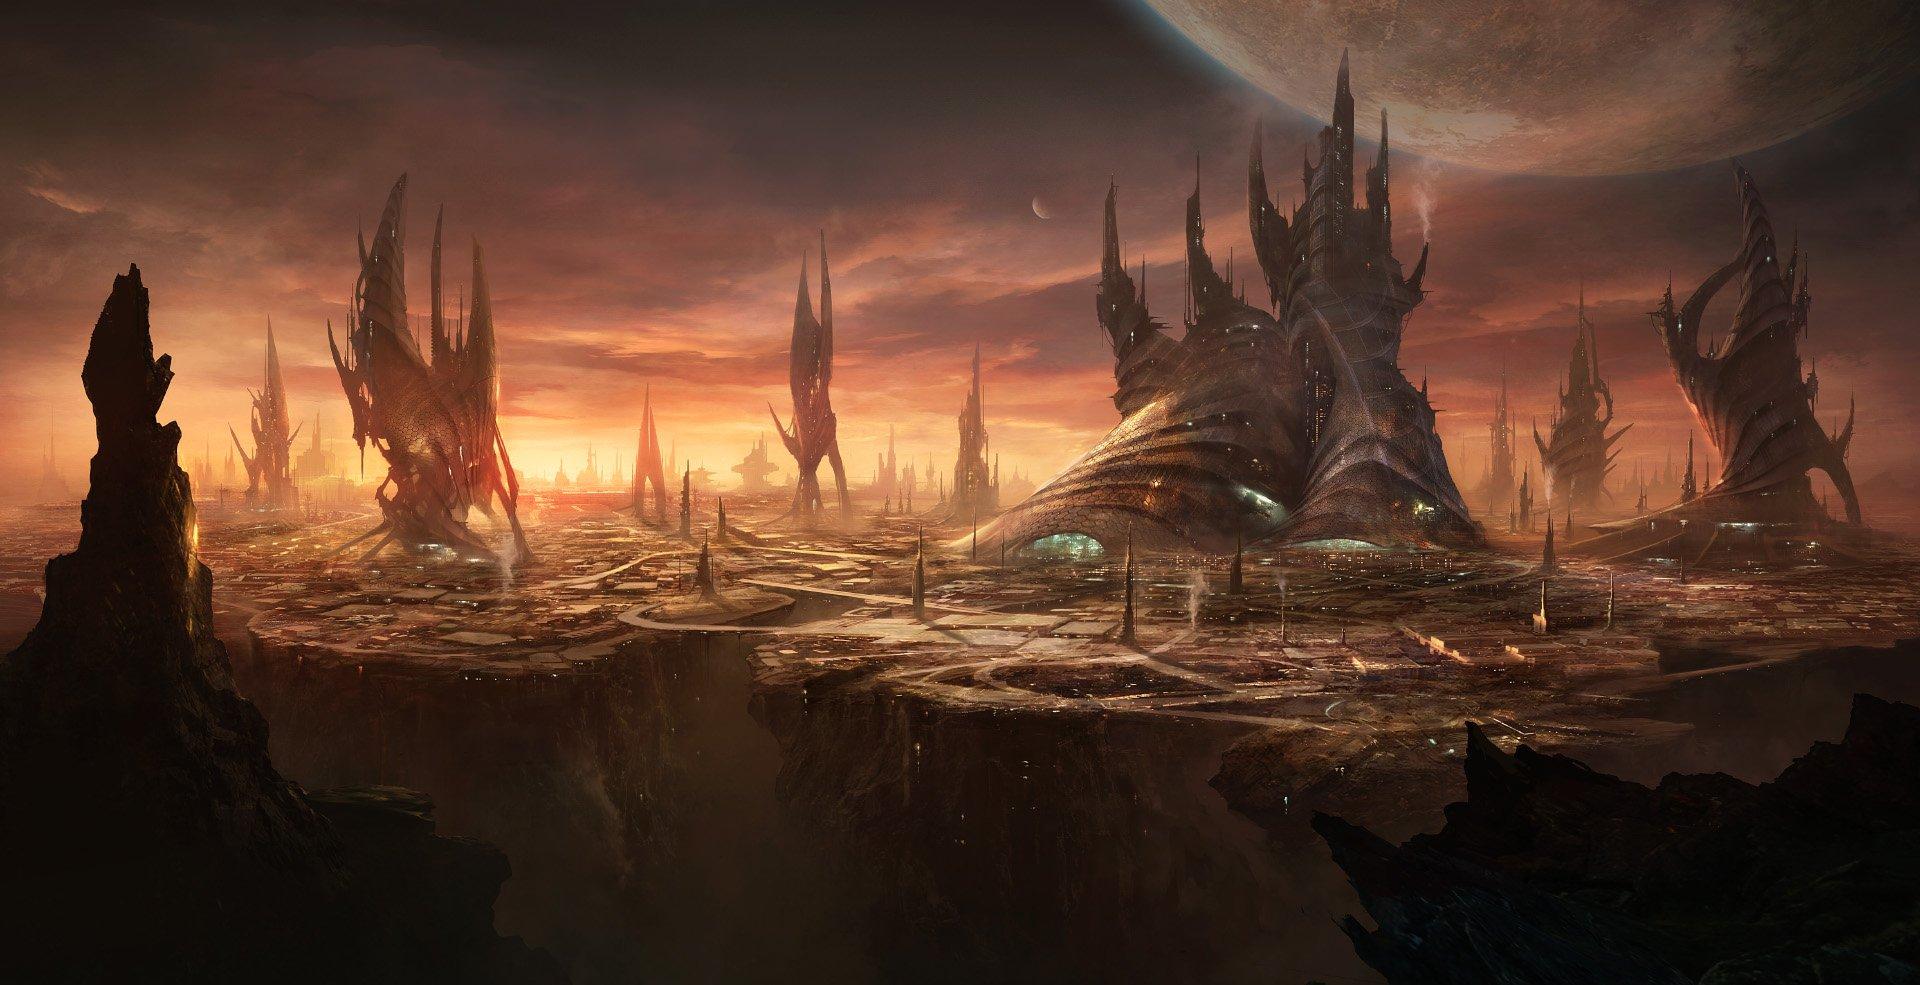 """Stellaris: вышло обновление 1.2 """"Азимов"""". - Изображение 1"""